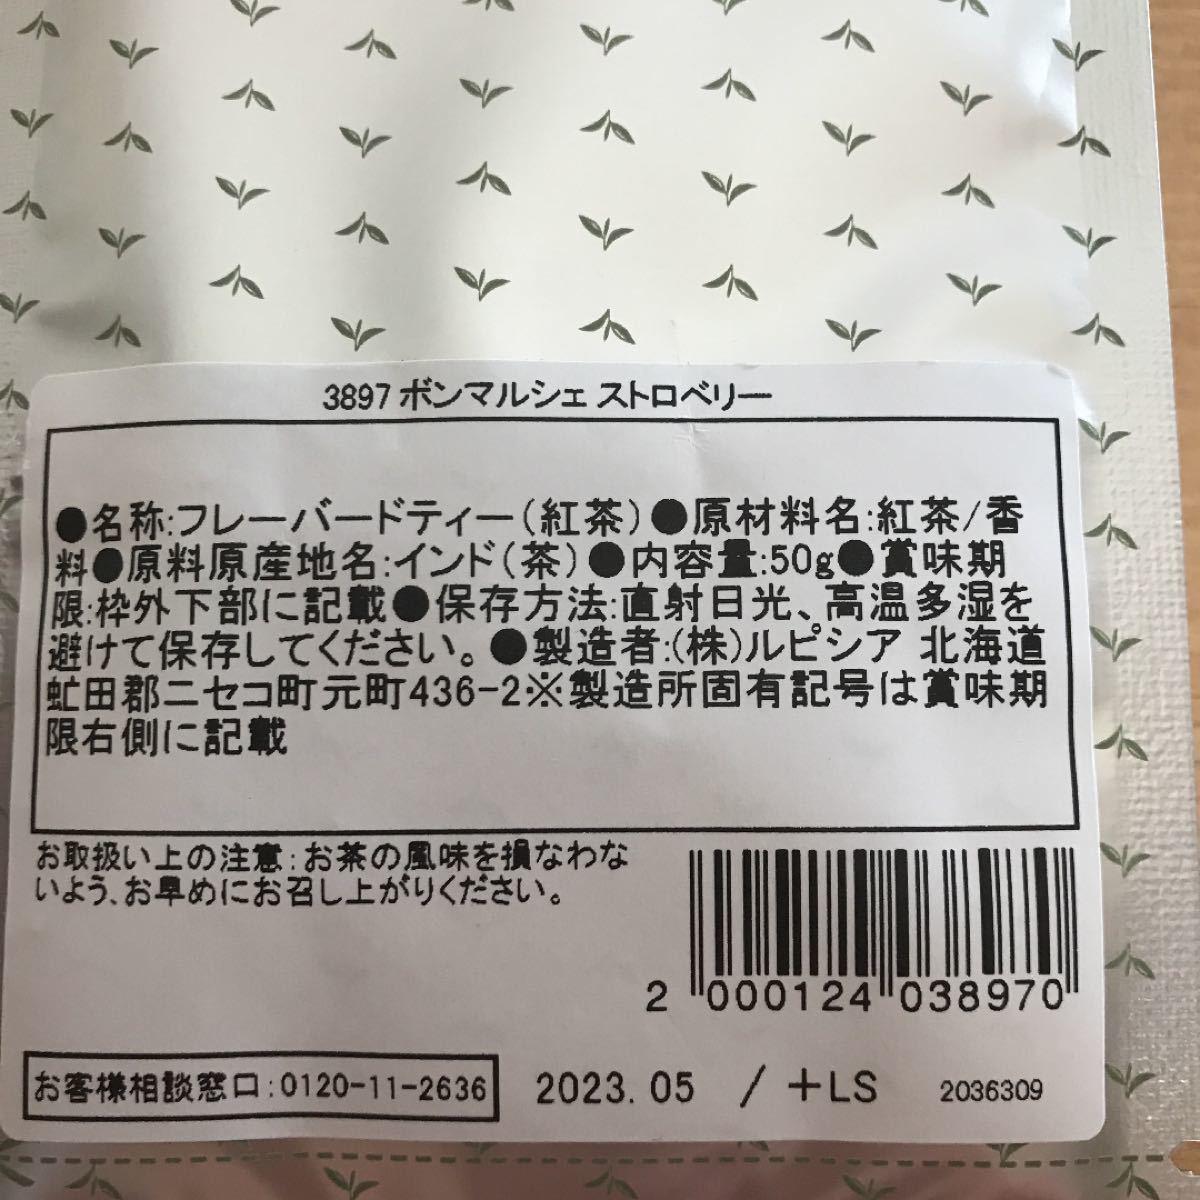 ルピシアボンマルシェ リーフ50gフレーバーティー3点セット【送料無料匿名配送】